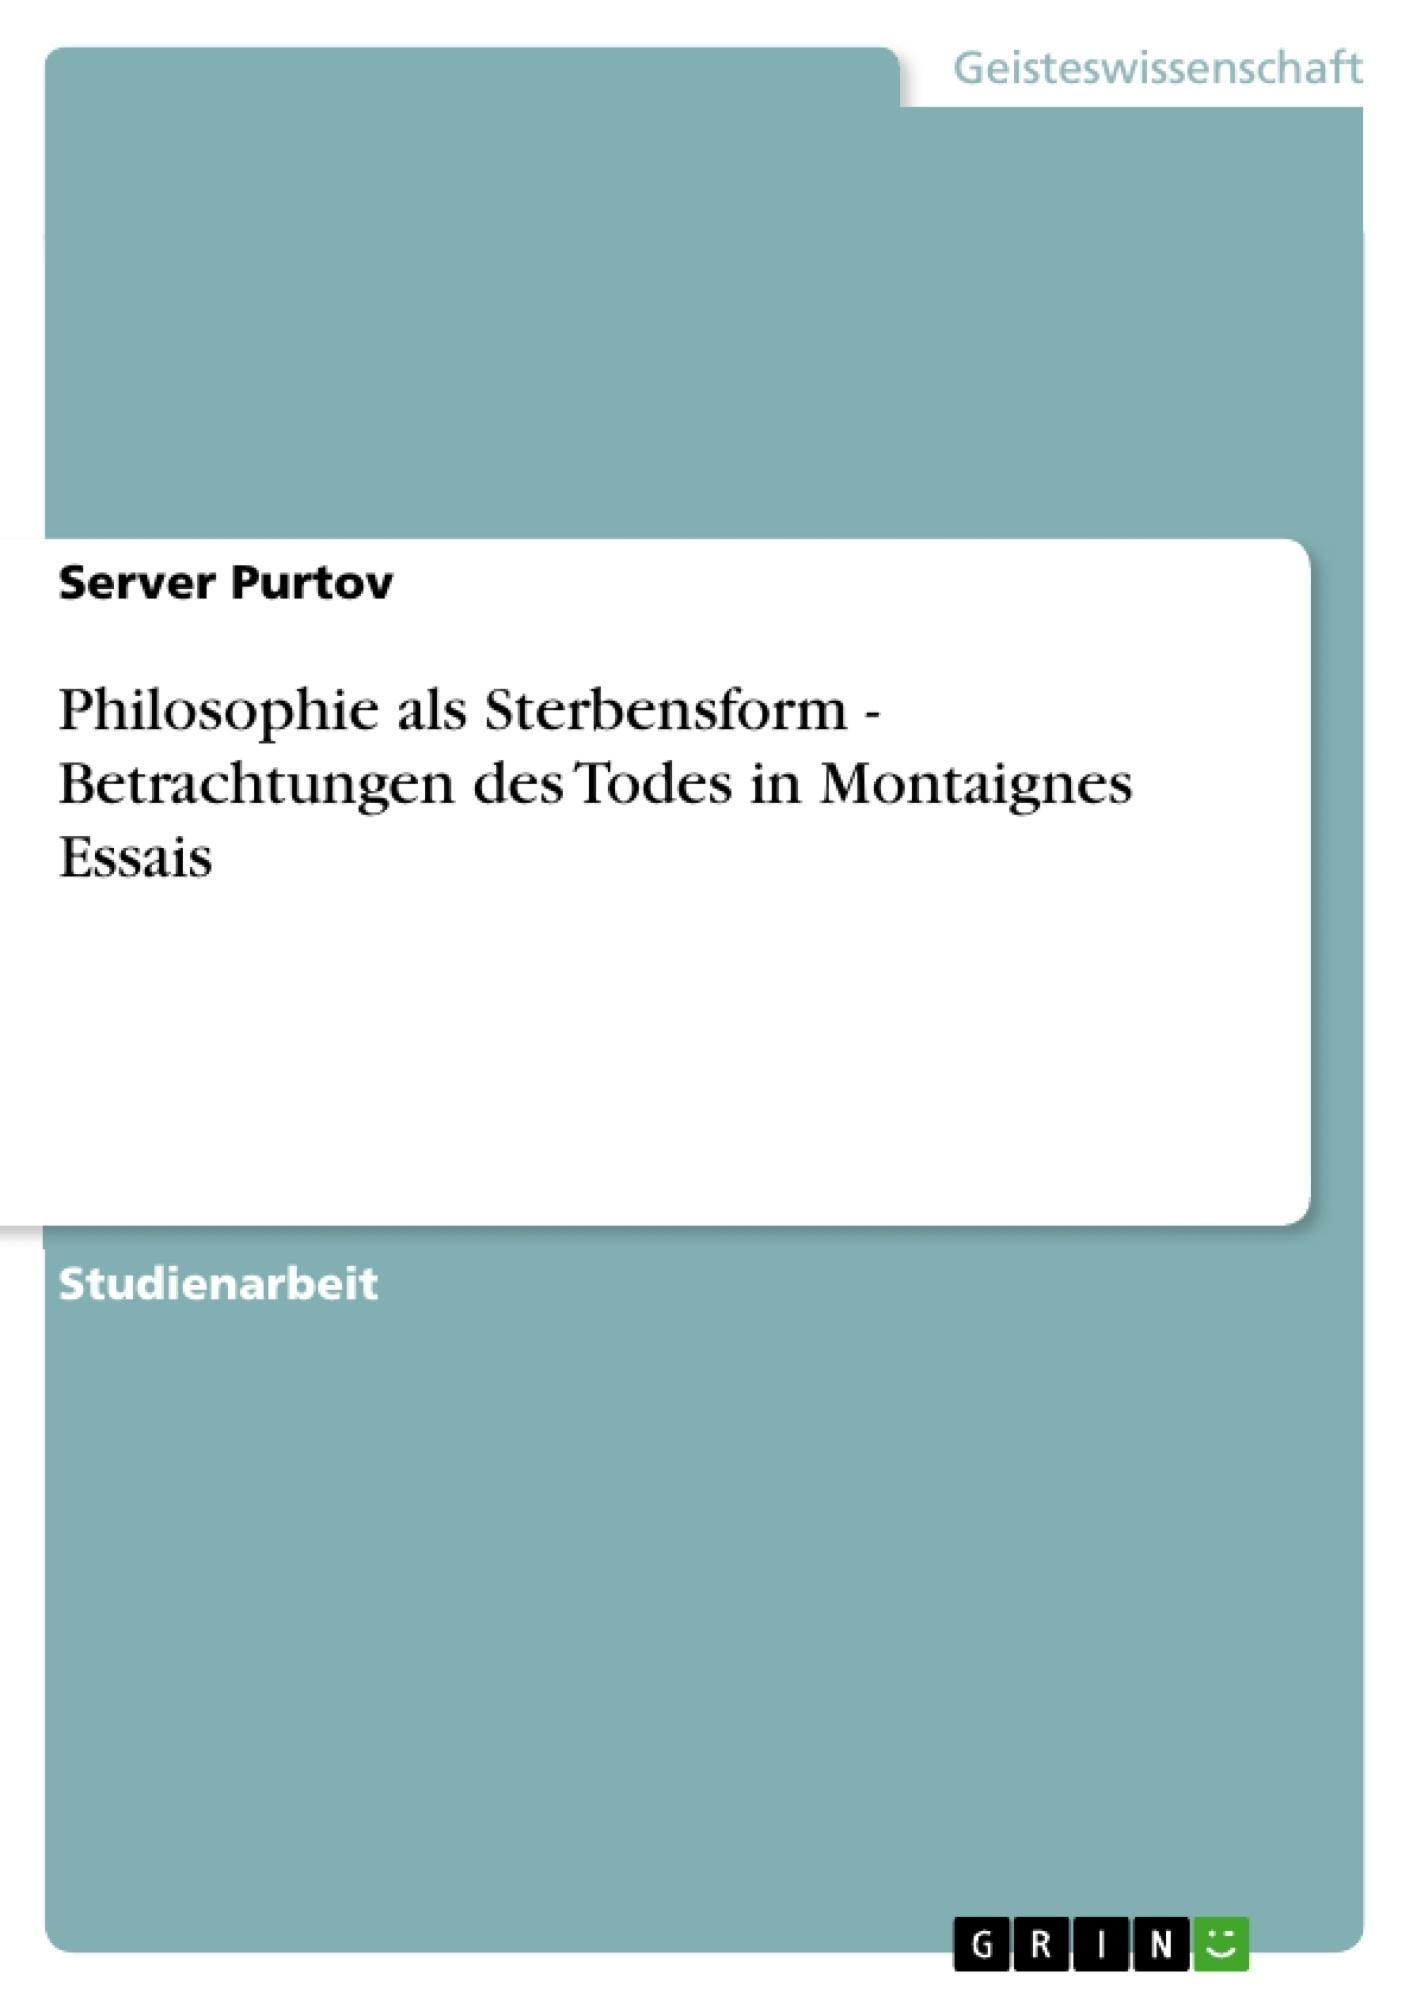 Titel: Philosophie als Sterbensform - Betrachtungen des Todes in Montaignes Essais